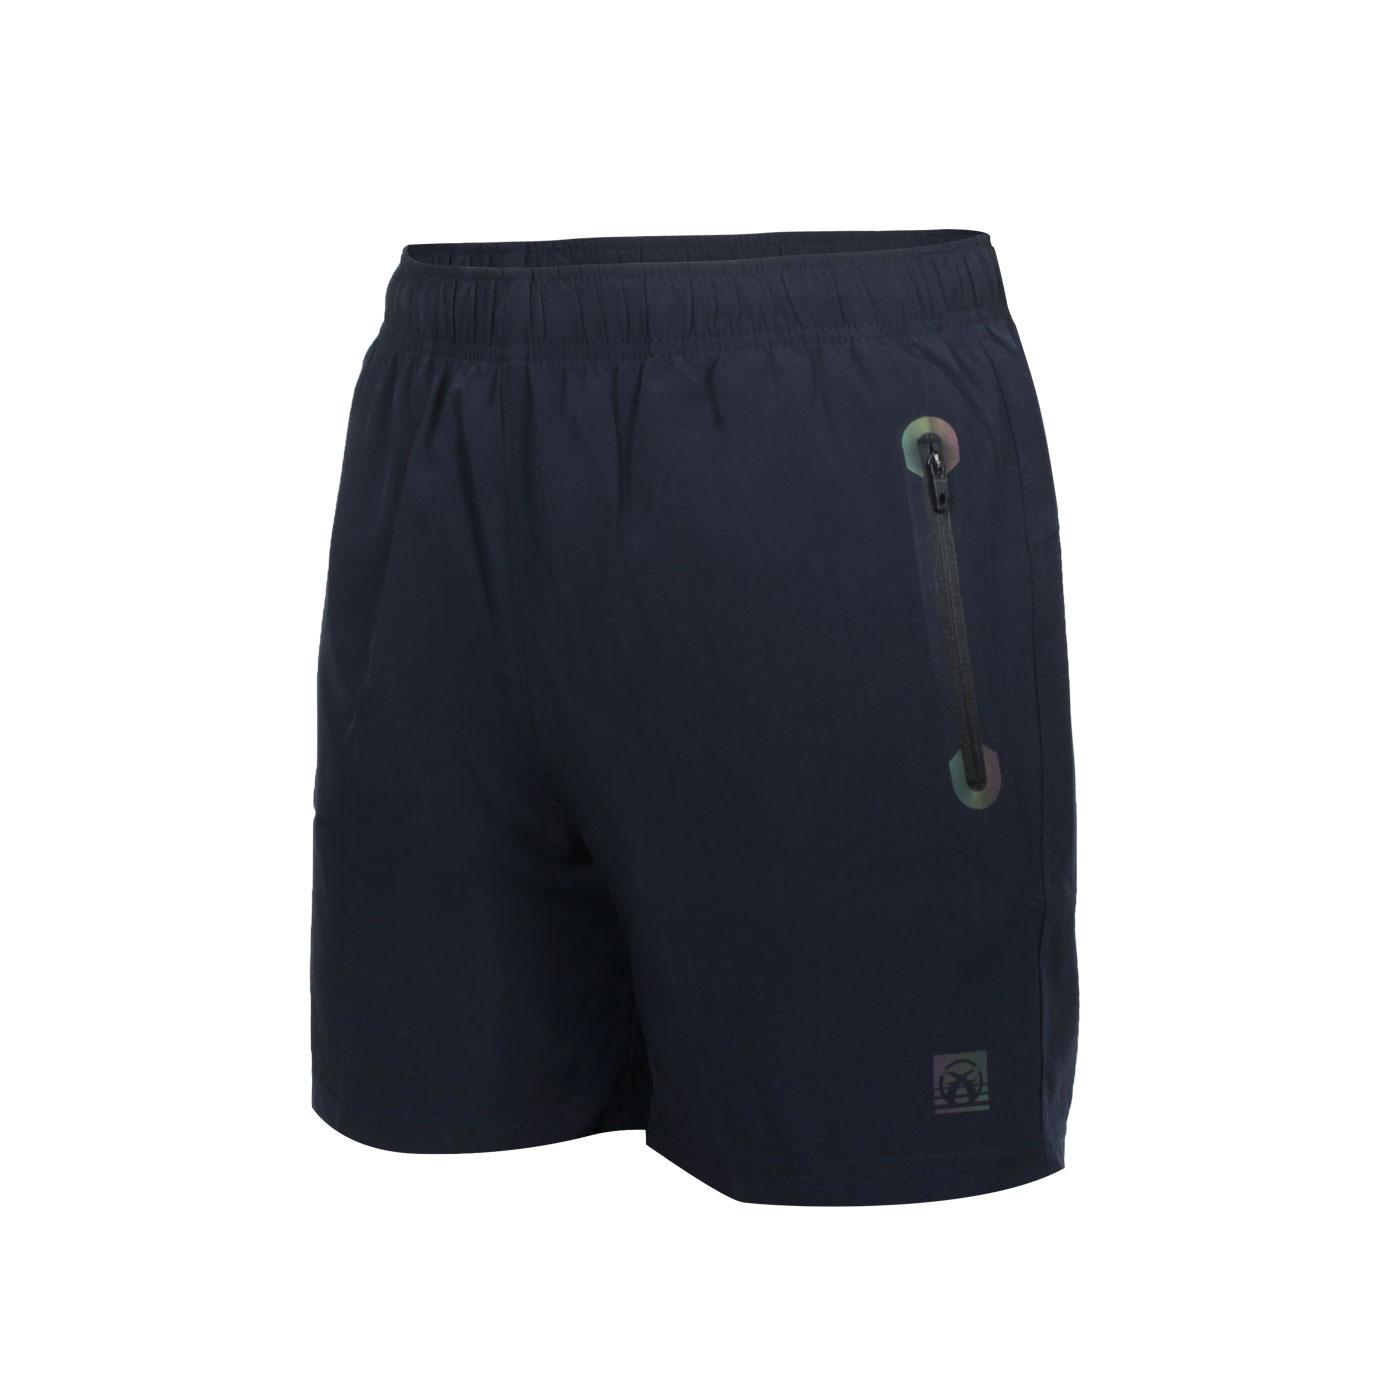 FIRESTAR 女款彈性平織短褲 CL123-93 - 丈青